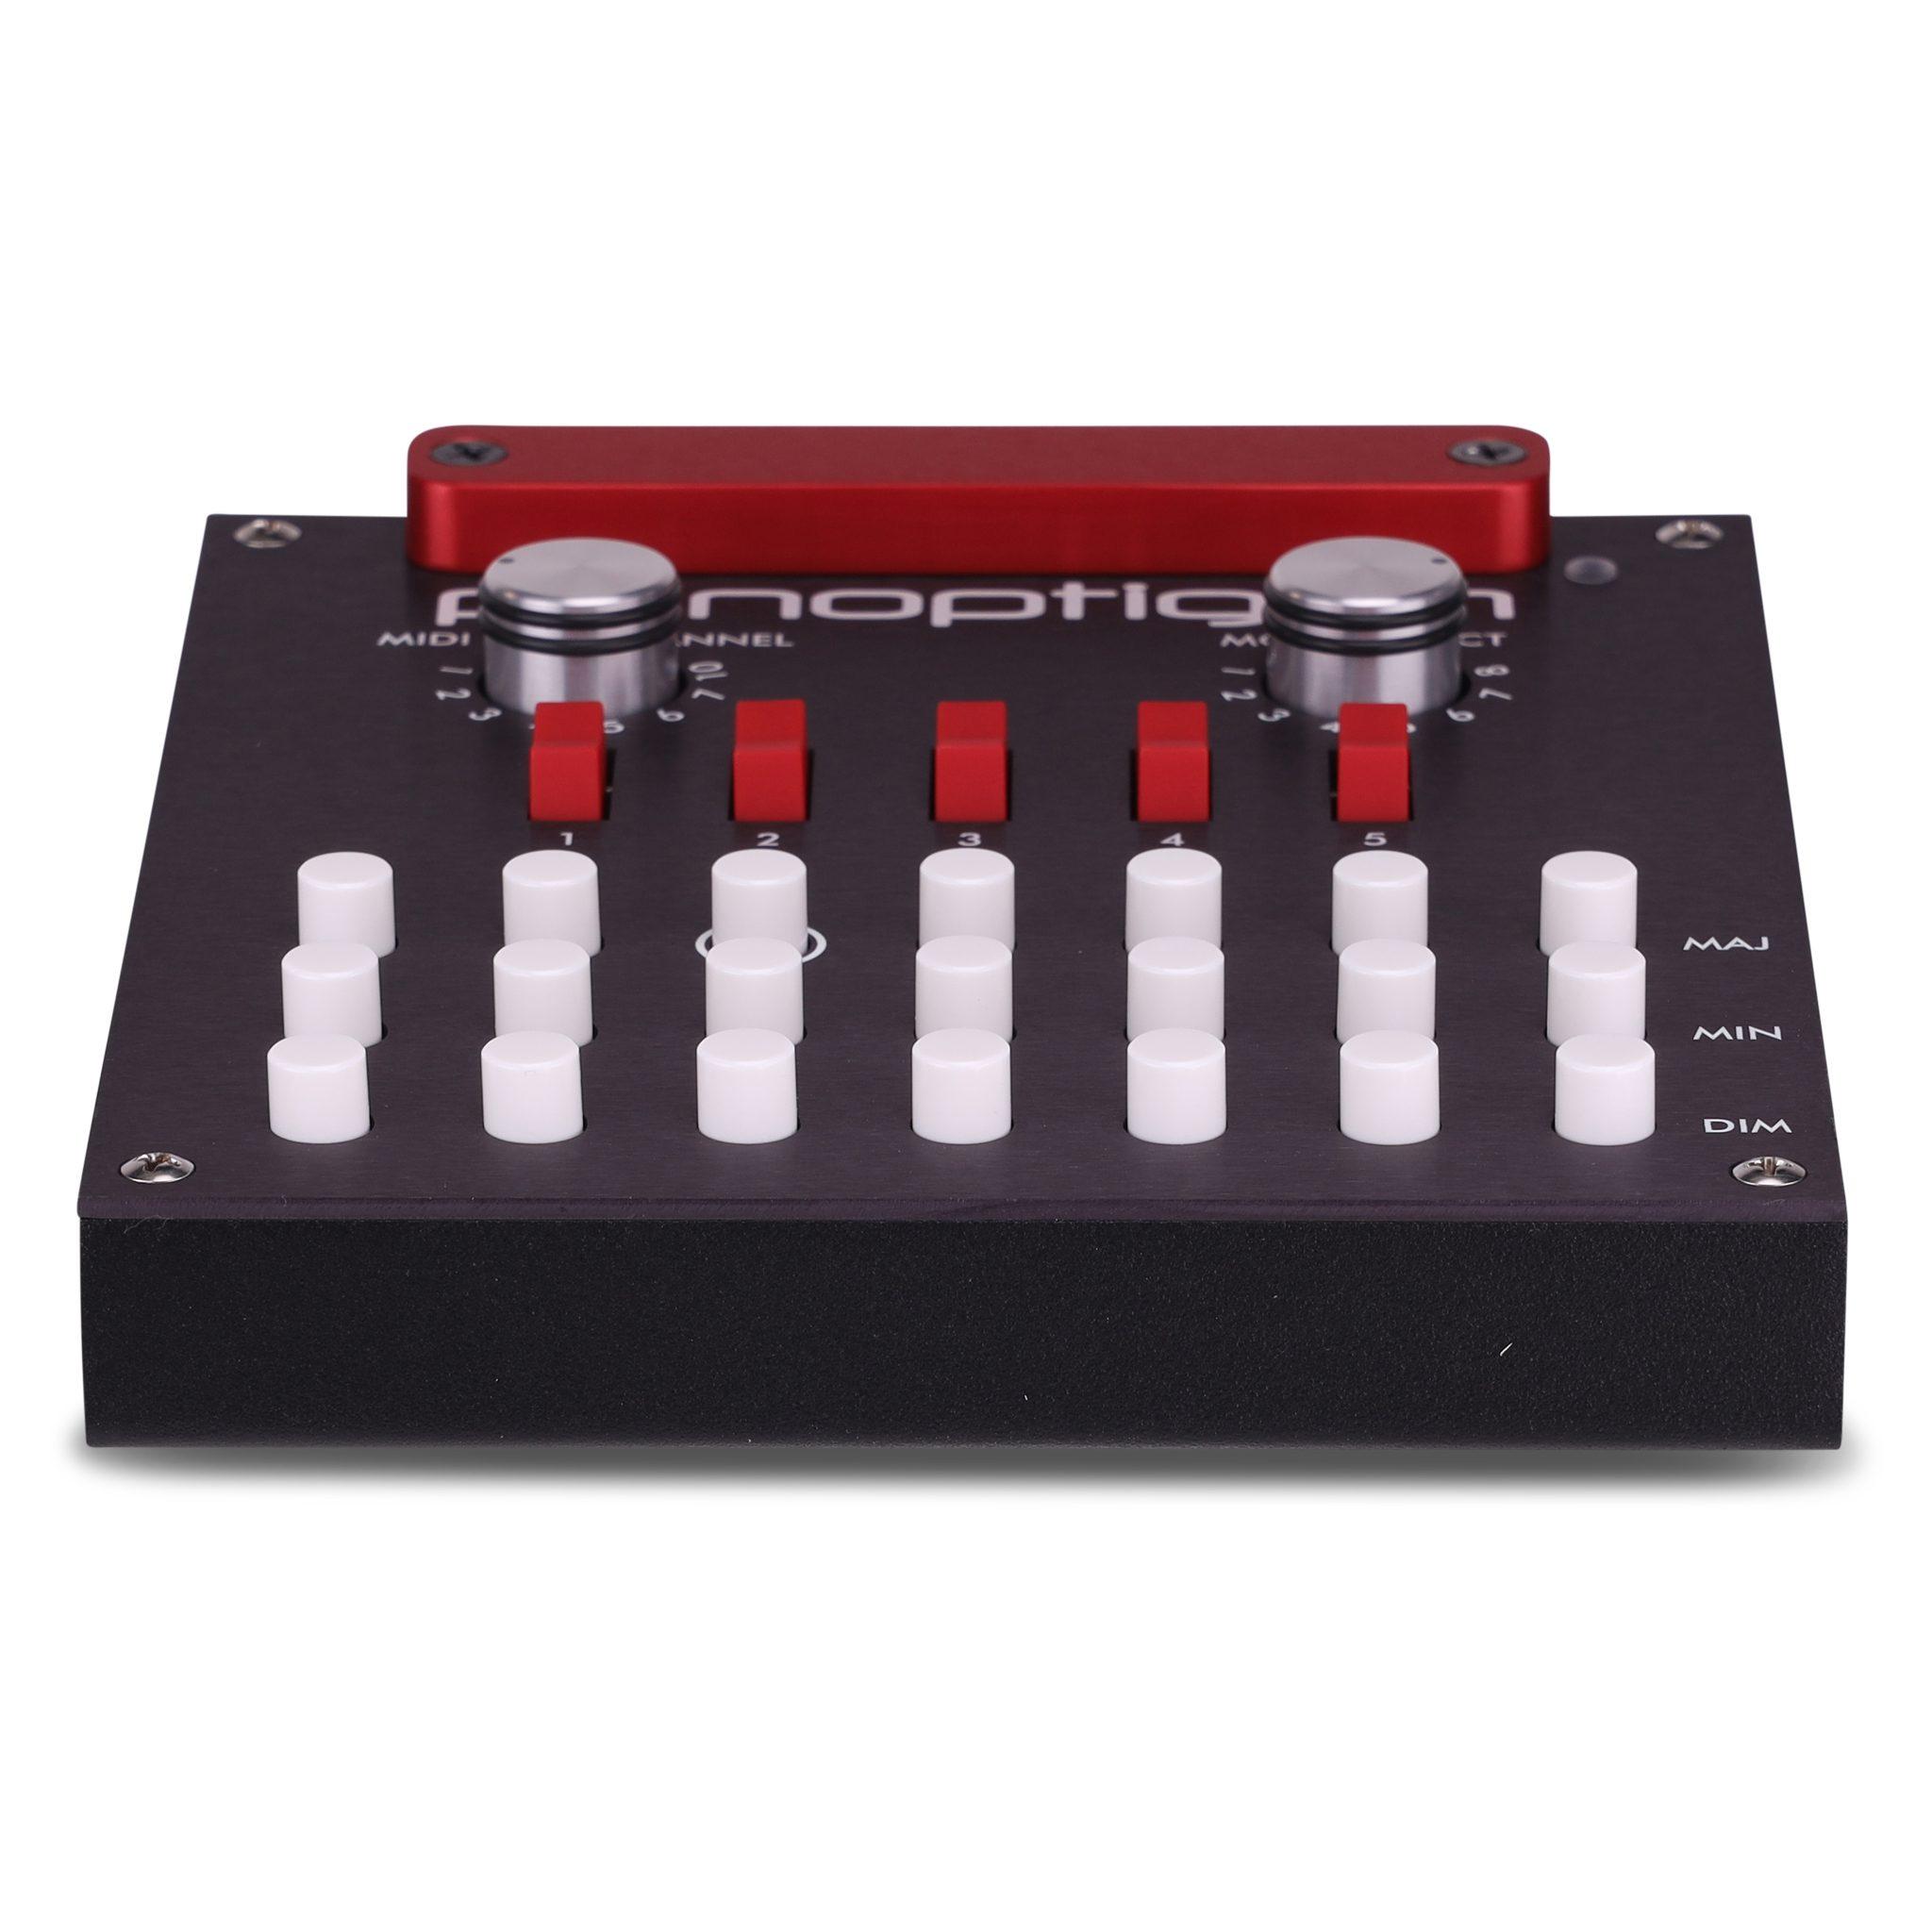 18-panoptigonchordcontroller